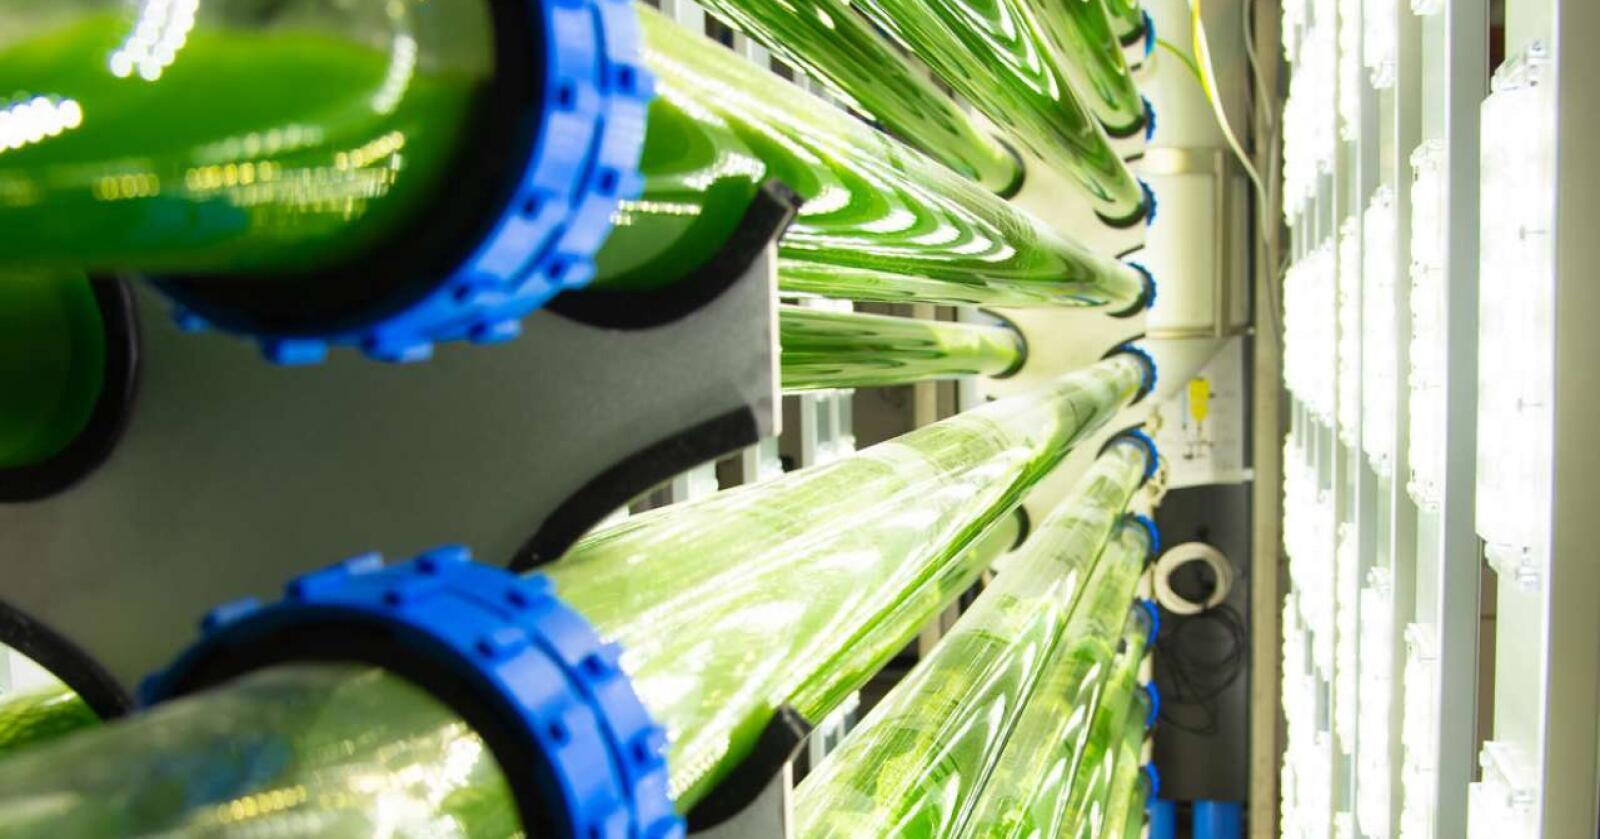 Snart kan norskdyrkede mikroalger erstatte soyaimport, skal vi tro Norsk Kylling. Foto: Erling Fløistad/NIBIO